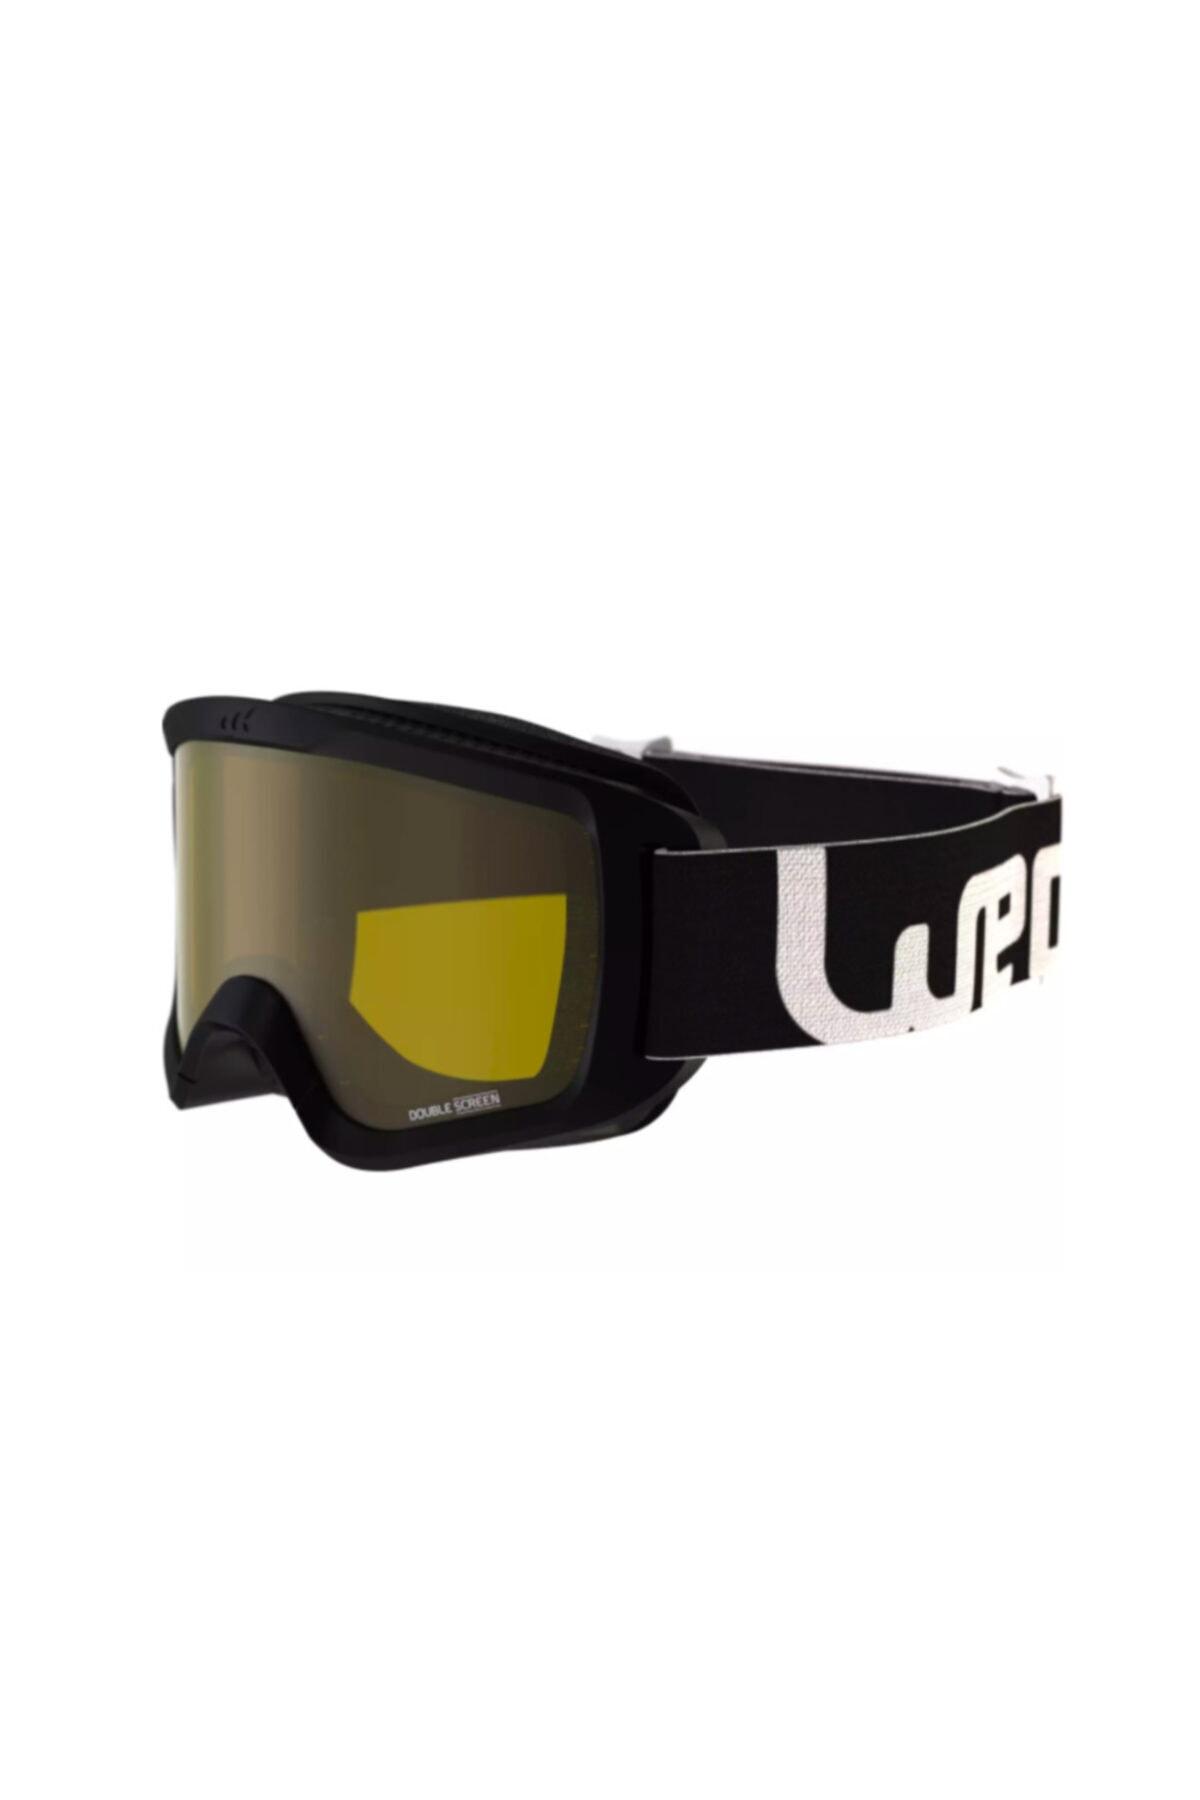 WEDZE Kayak / Snowboard Gözlüğü - Yetişkin - Siyah - G120 S1 1